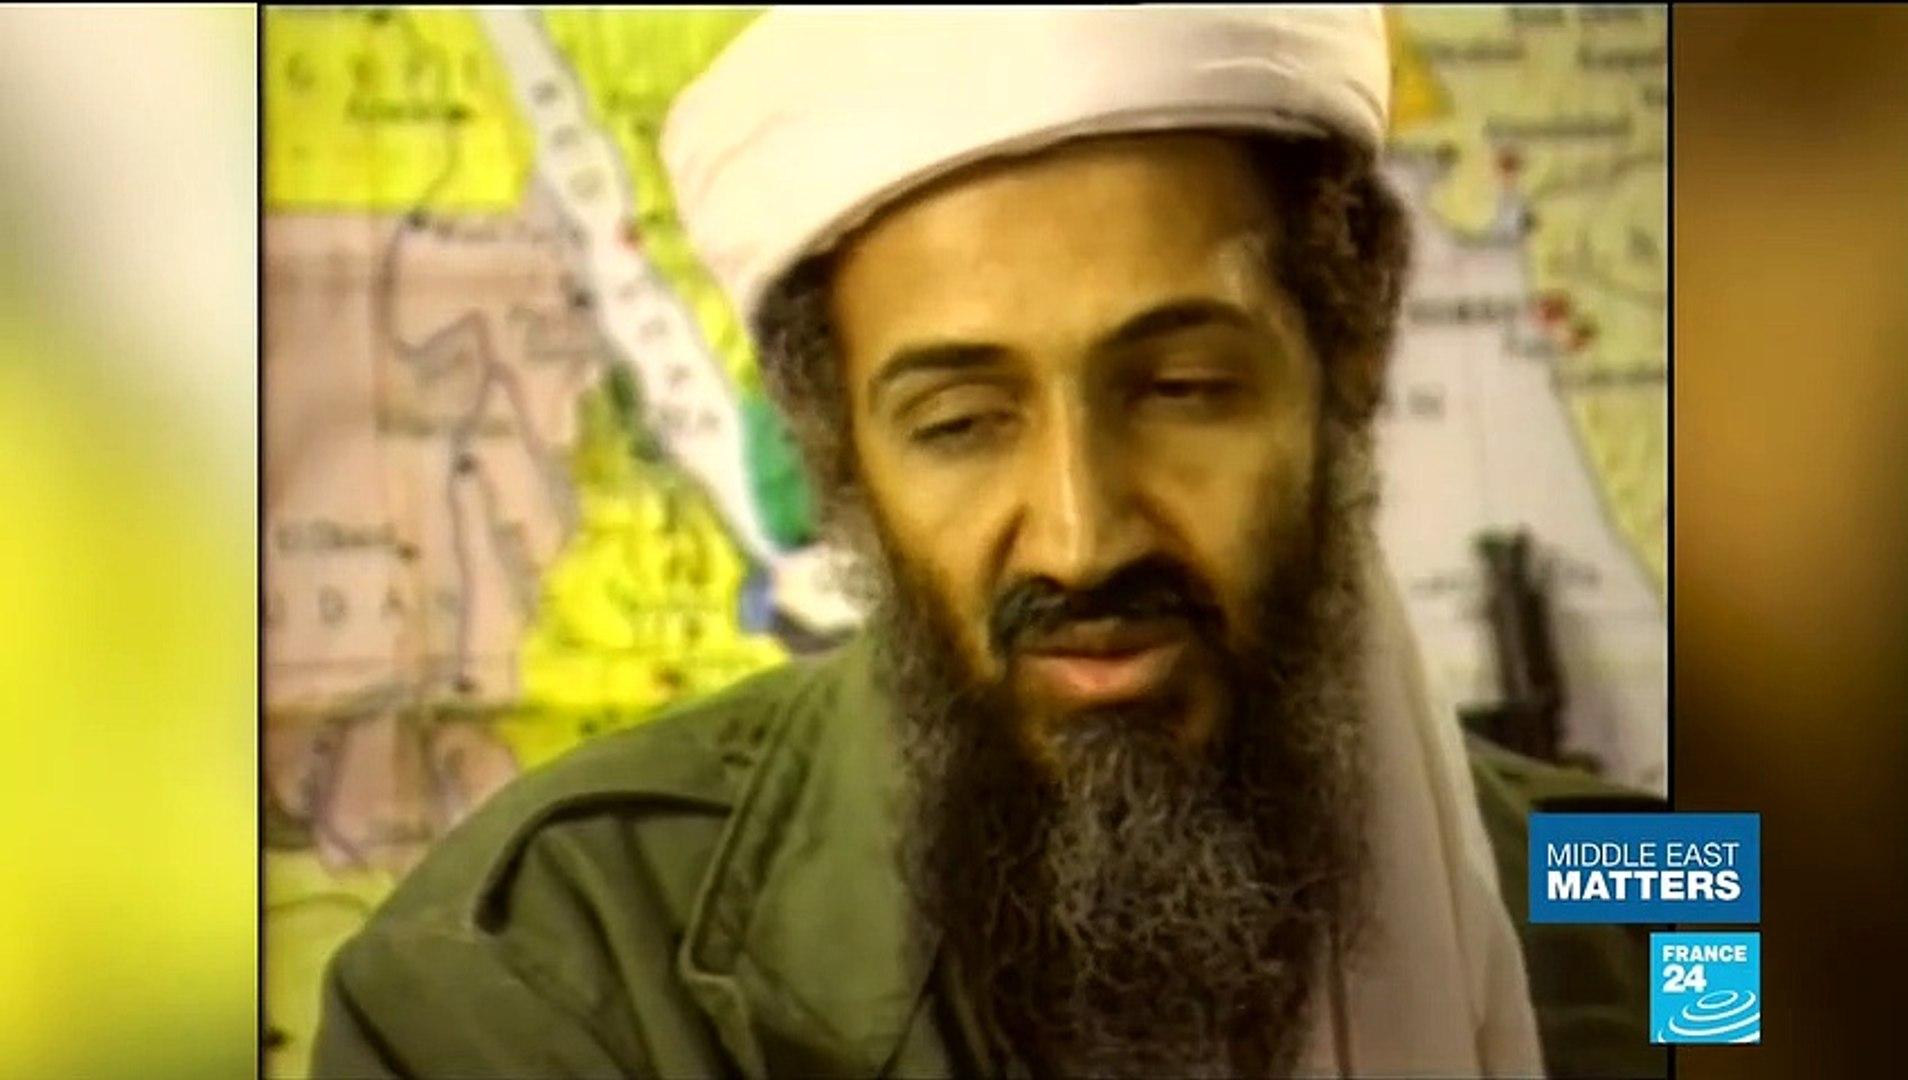 Death of Abu Bakr al-Baghdadi: Will ISIS outlive his former leader?